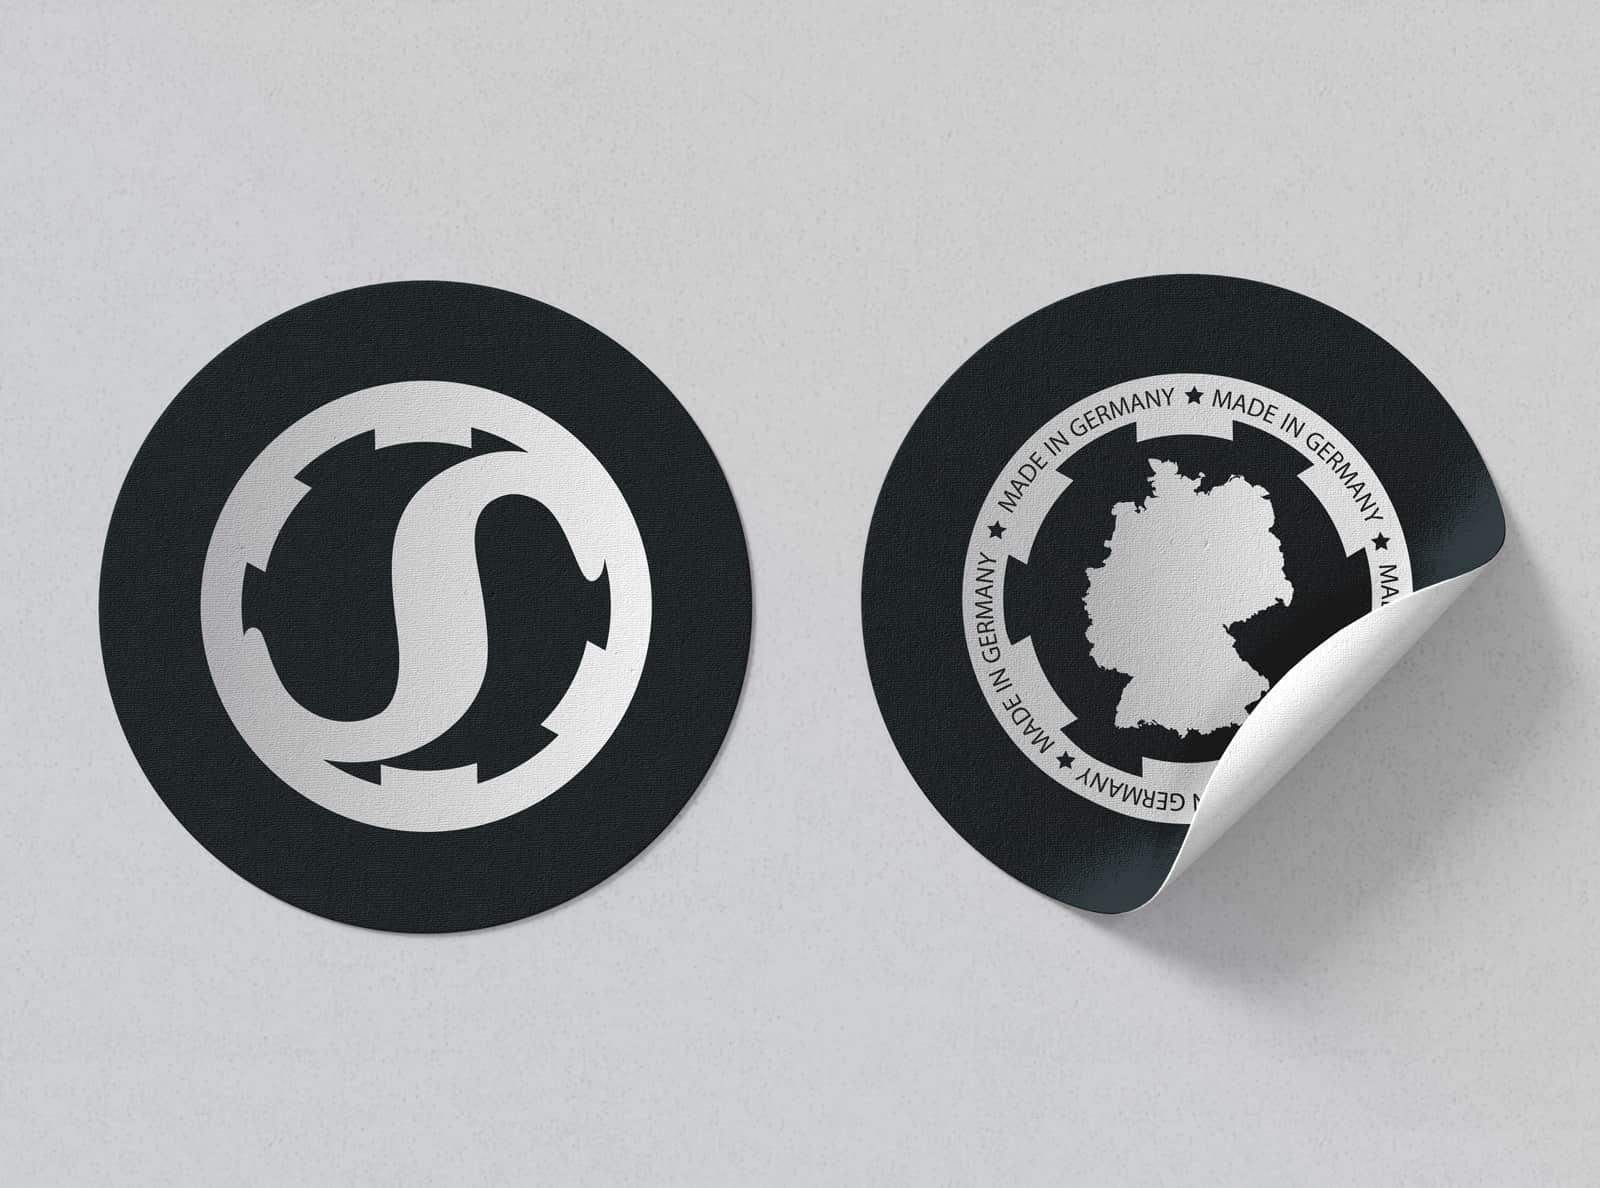 Schmeisser-GmbH_Corporate-Design_Sticker